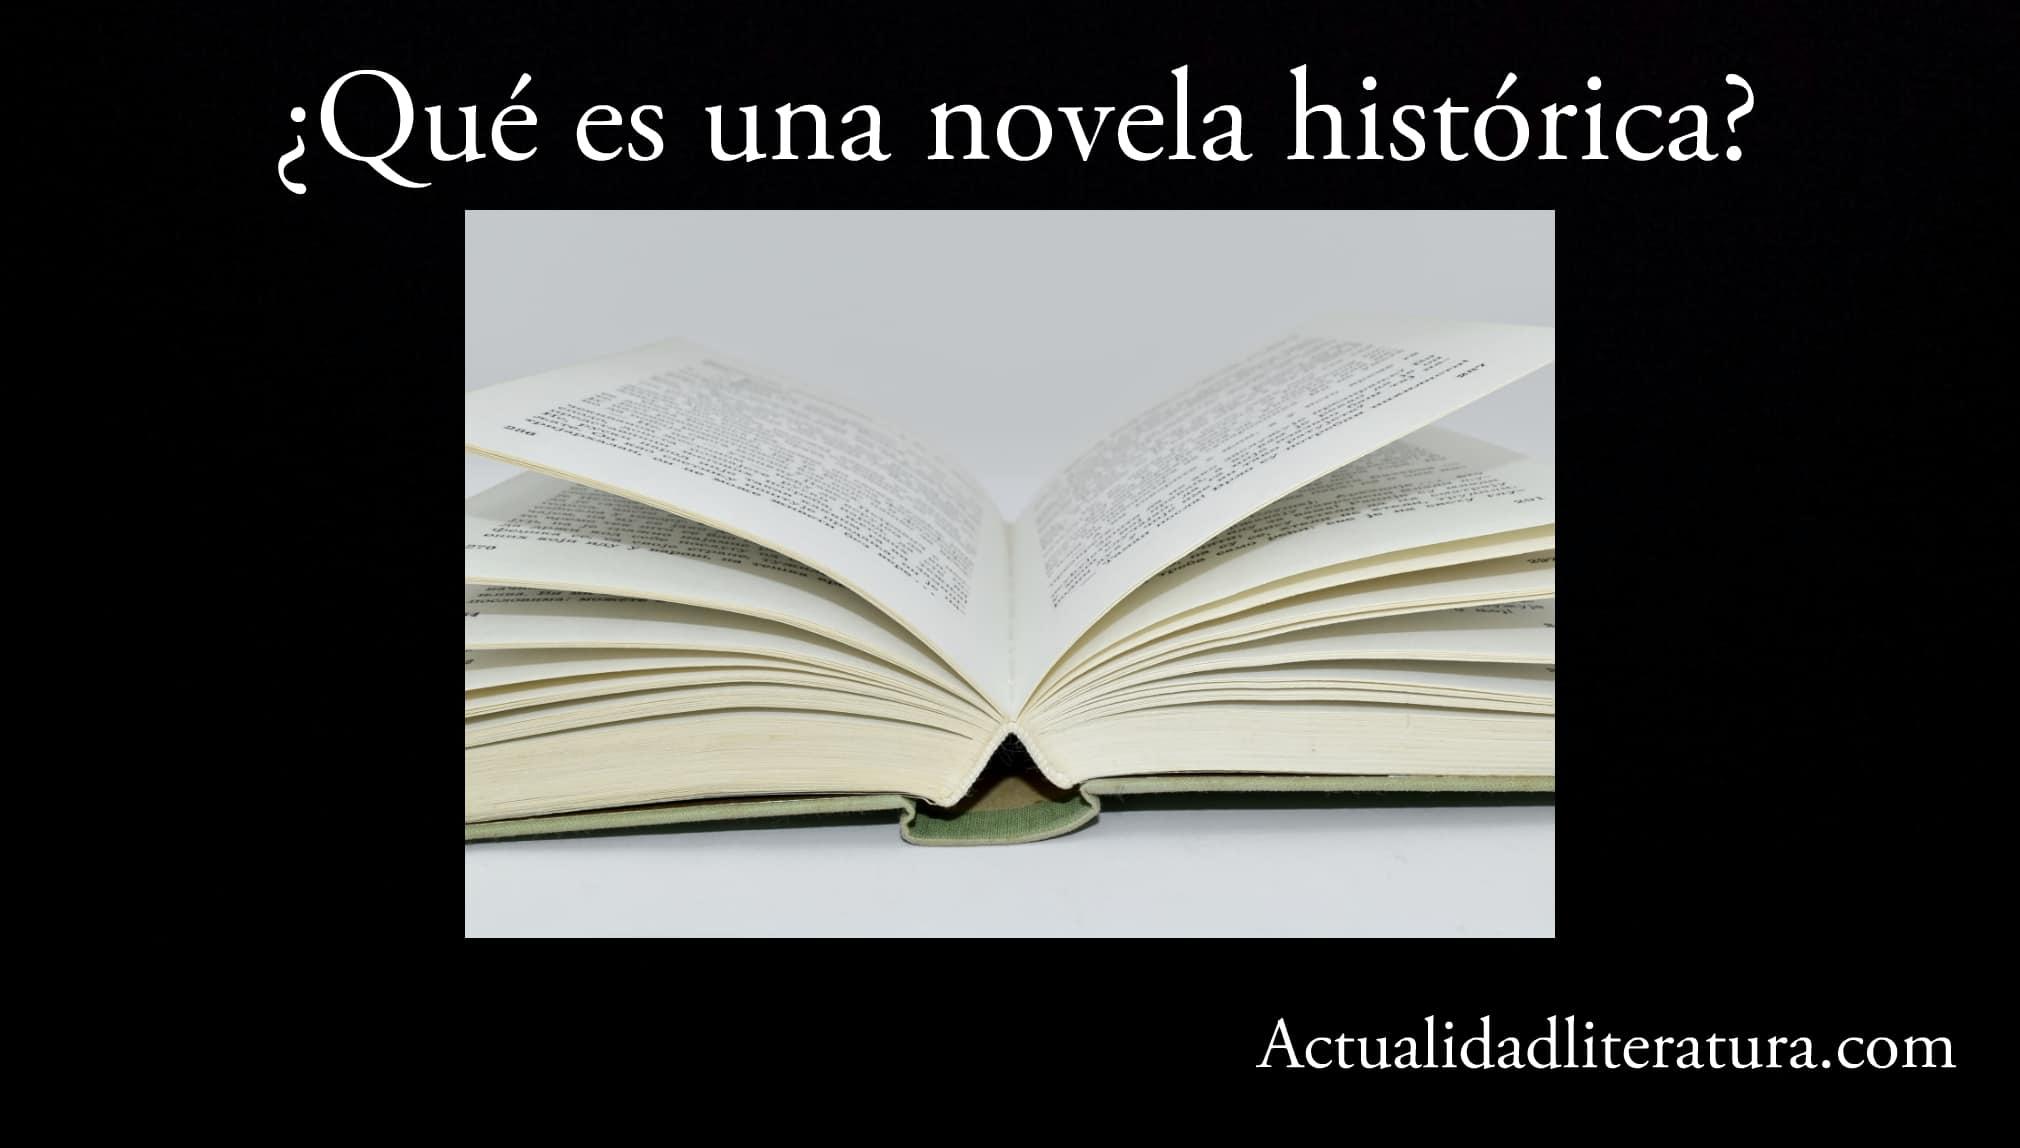 ¿Qué es una novela histórica?